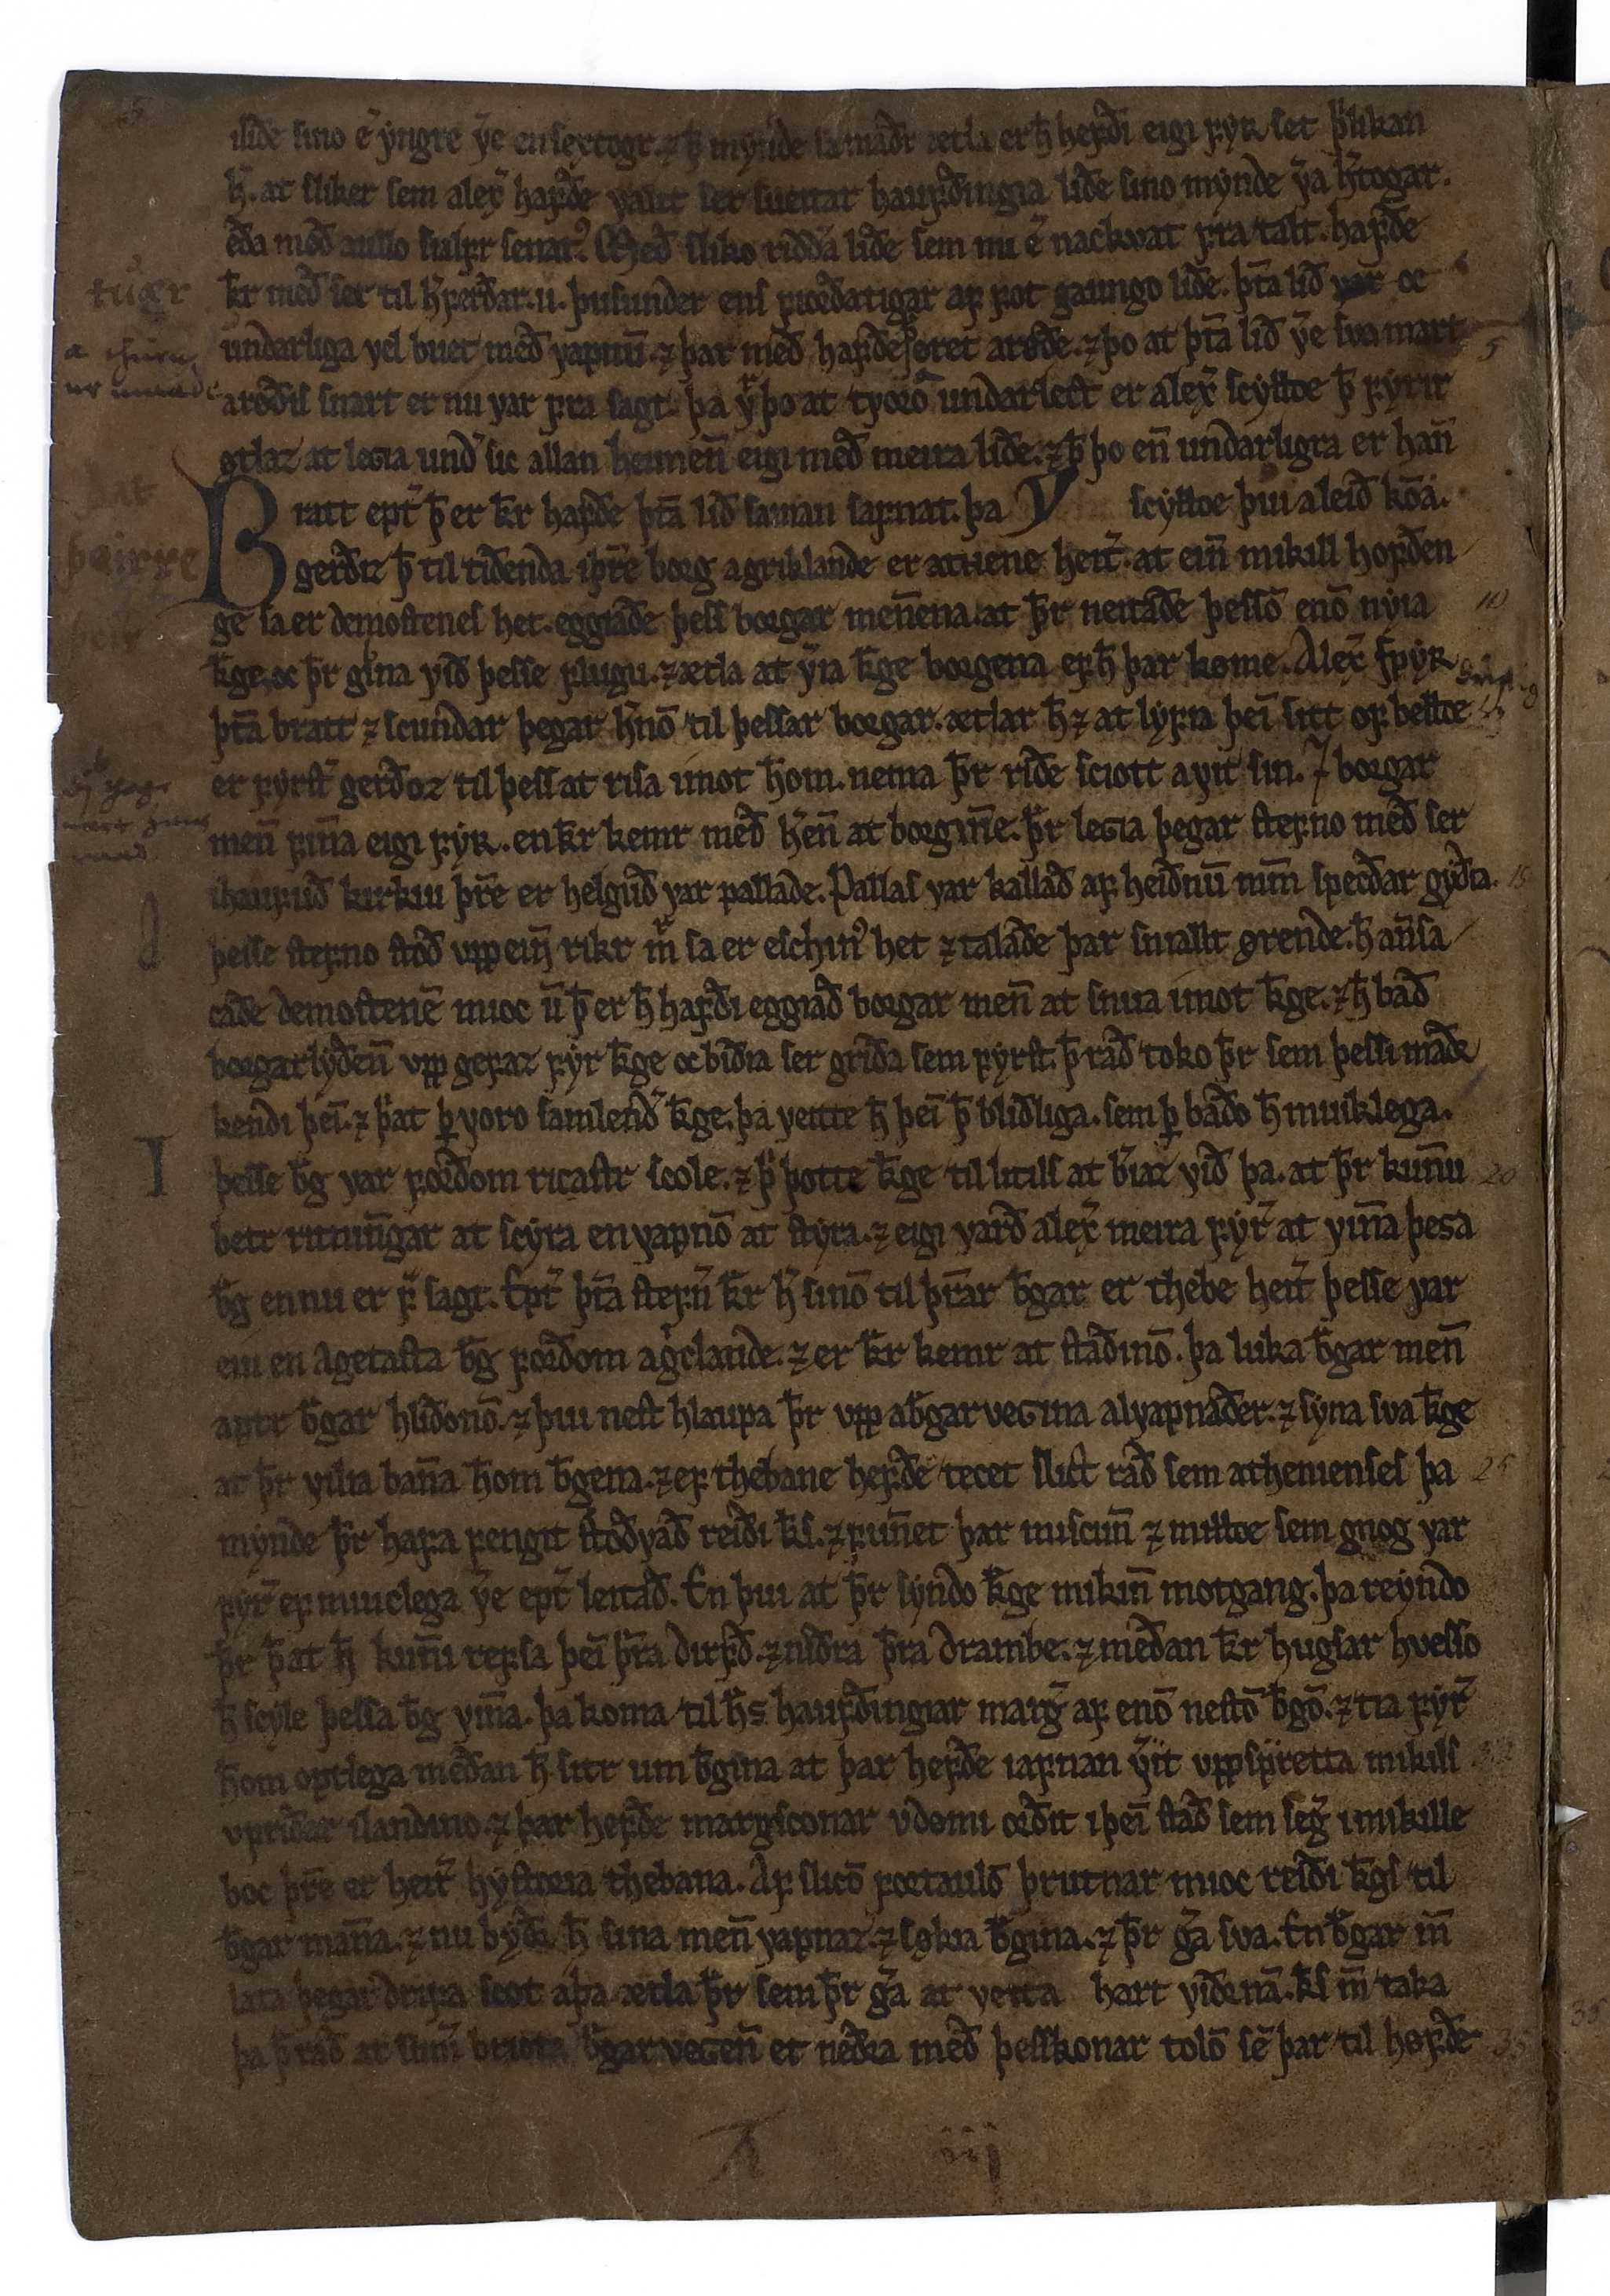 AM 519 a 4° - 3v